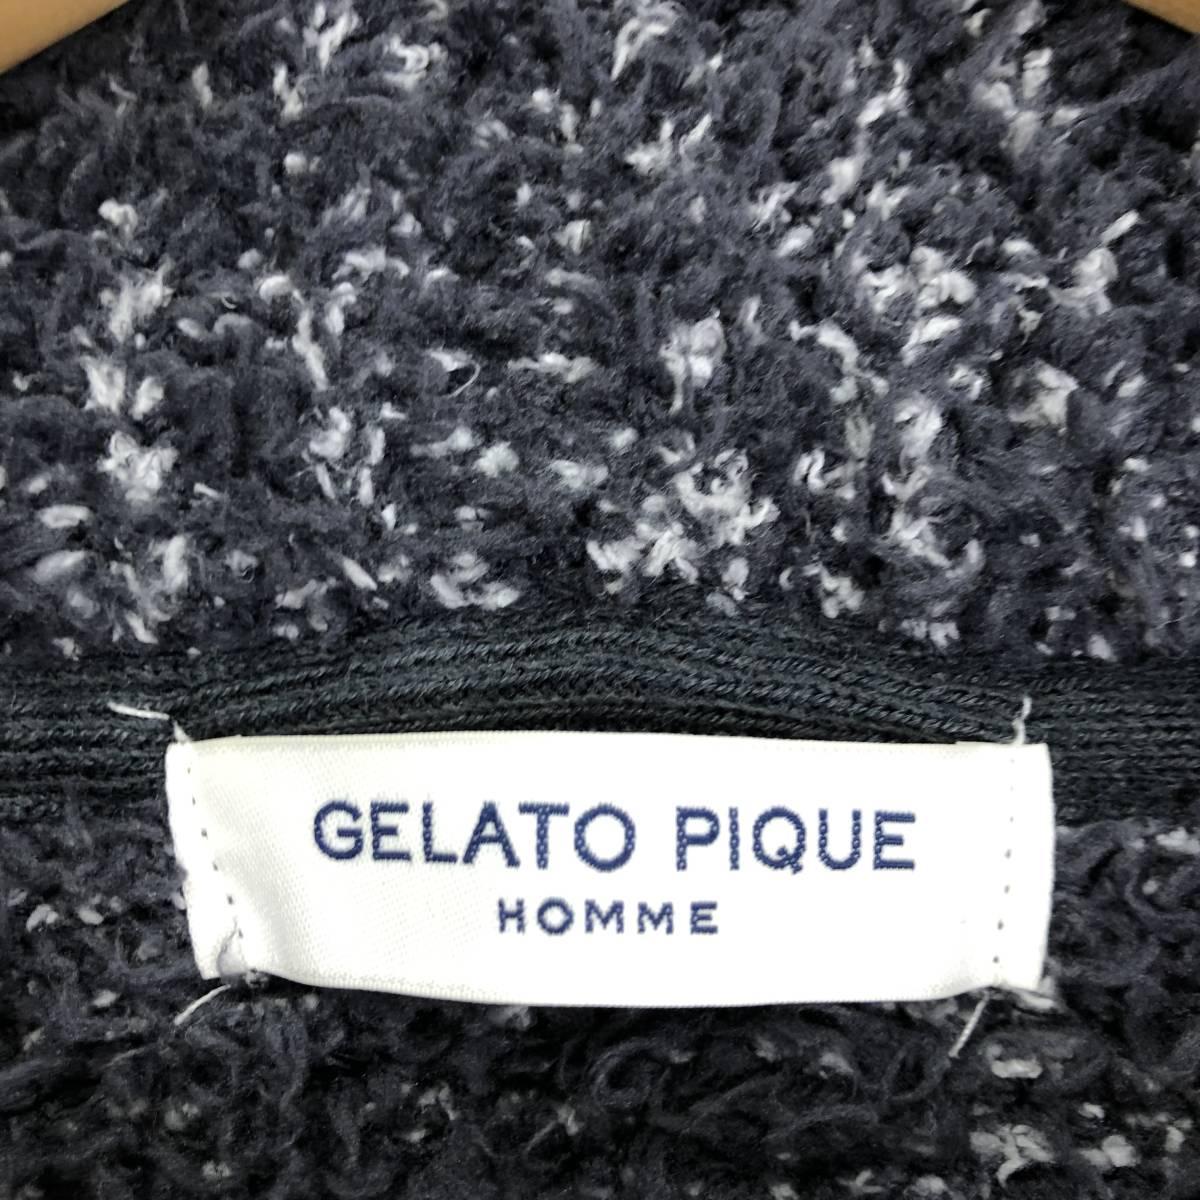 GELATO PIQUE HOMME ジェラートピケオム PMNT165917 メランジショールカーデ カーディガン M 10076161